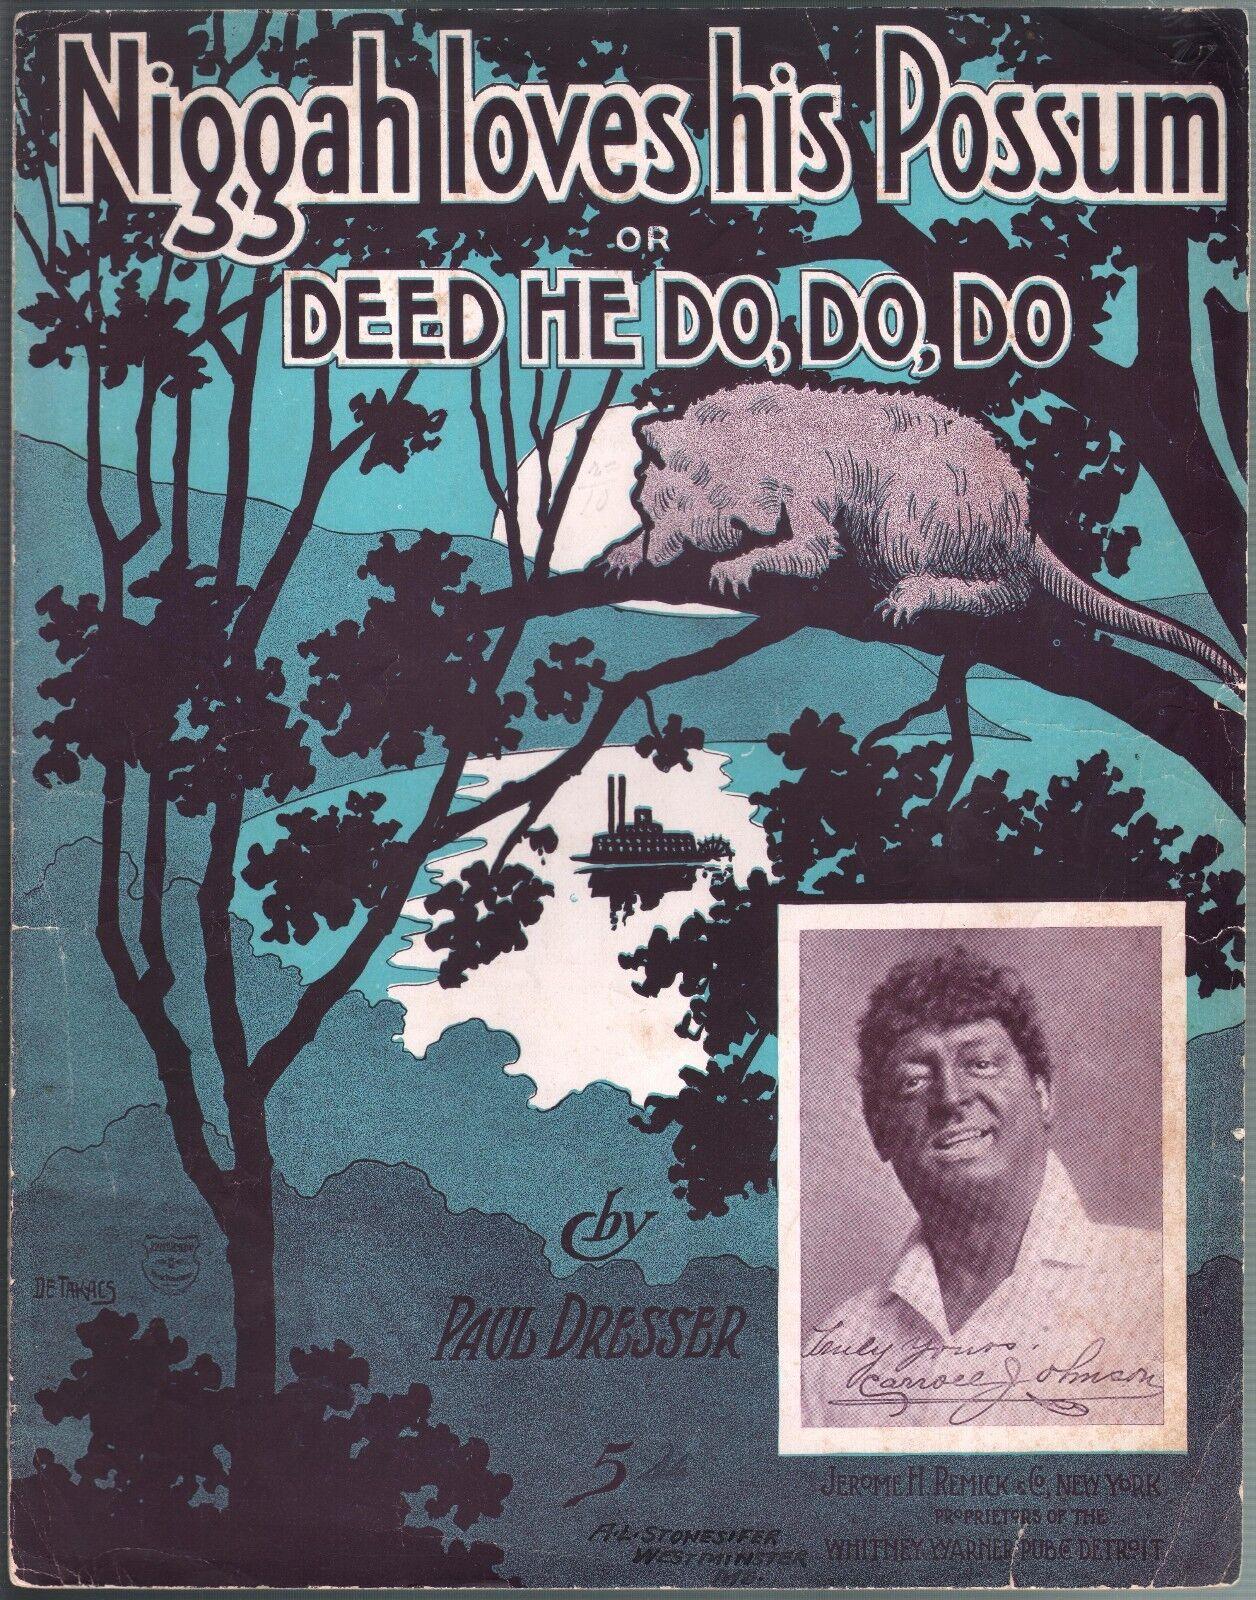 Niggah Loves His Possum 1905 Large Format Sheet Music